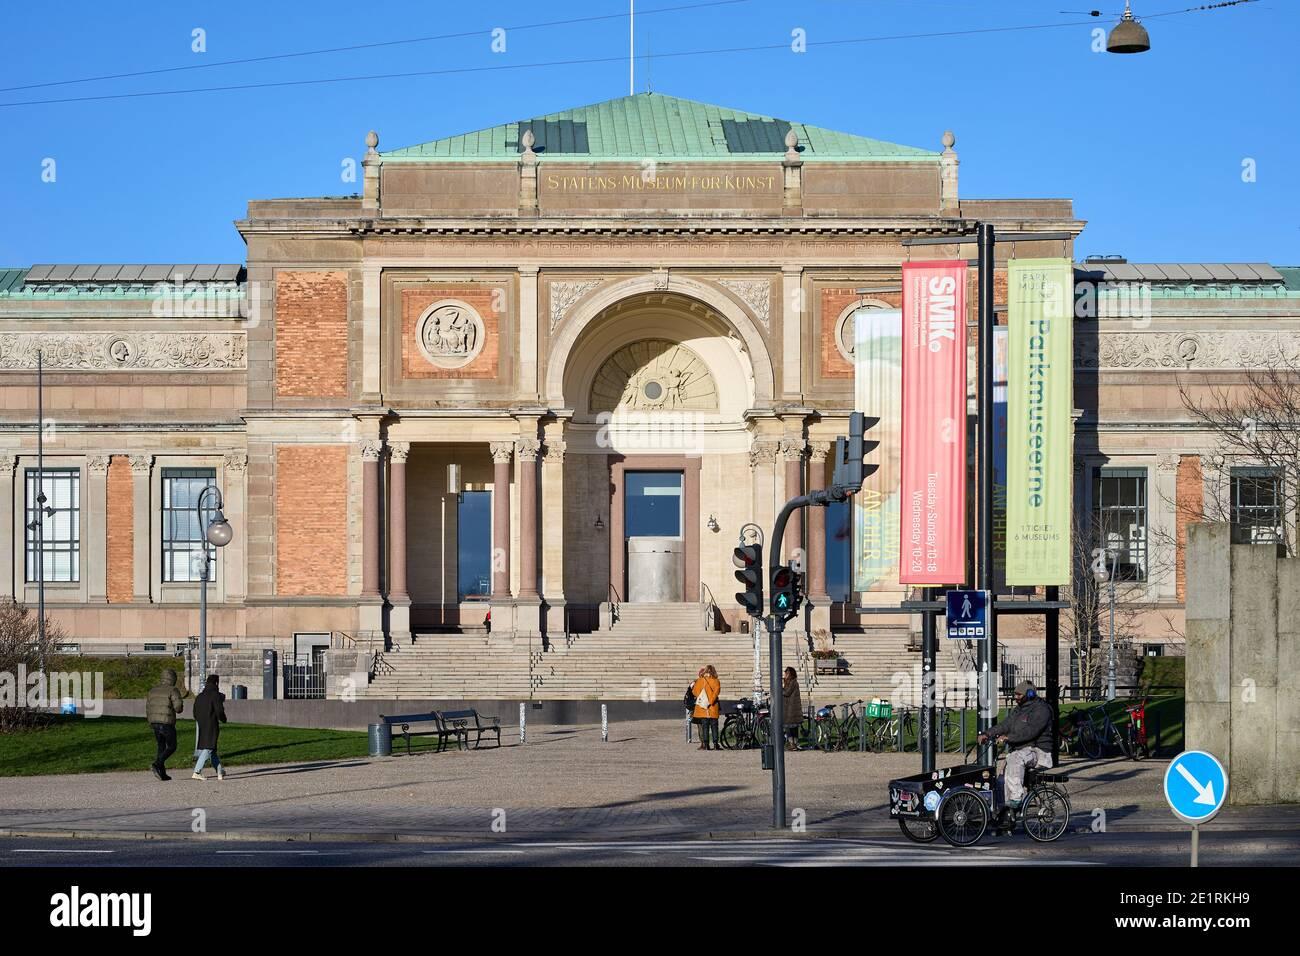 Statens Museum for Kunst (Galería Nacional de Dinamarca), entrada; Copenhague, Dinamarca Foto de stock